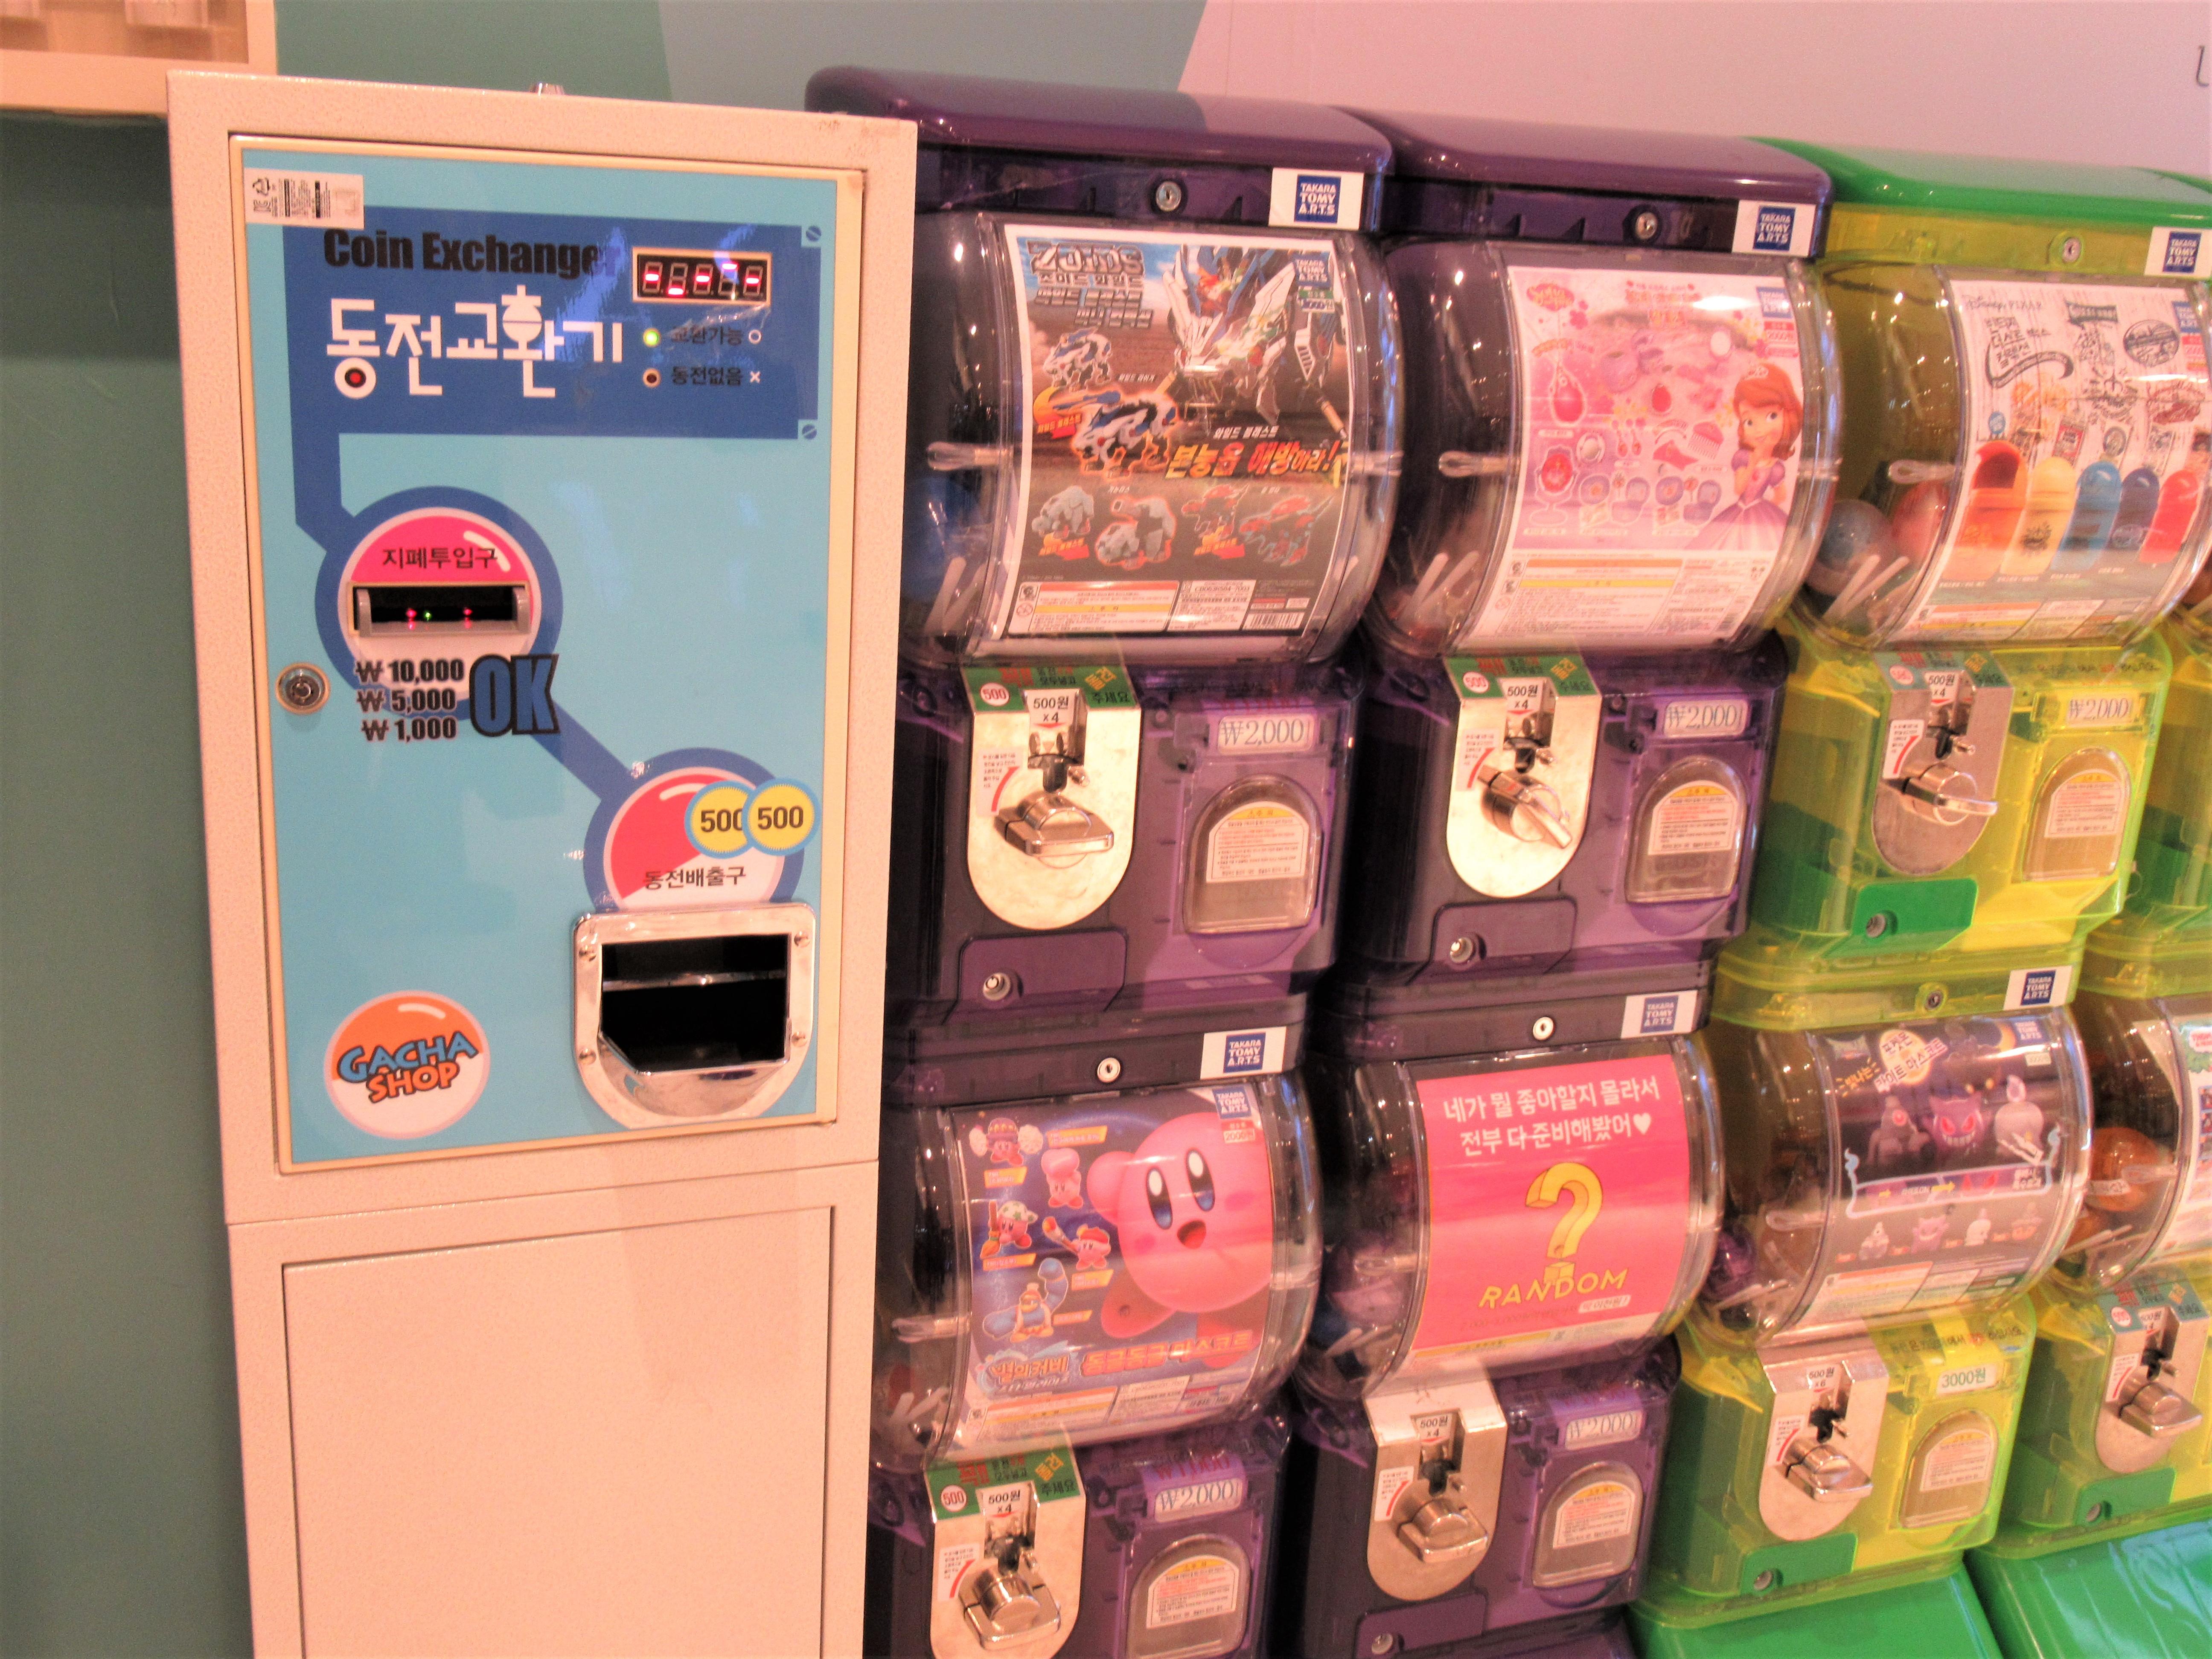 ソウルロッテマートで発見!こどものガチャガチャの内容は?|韓国ブログ旅